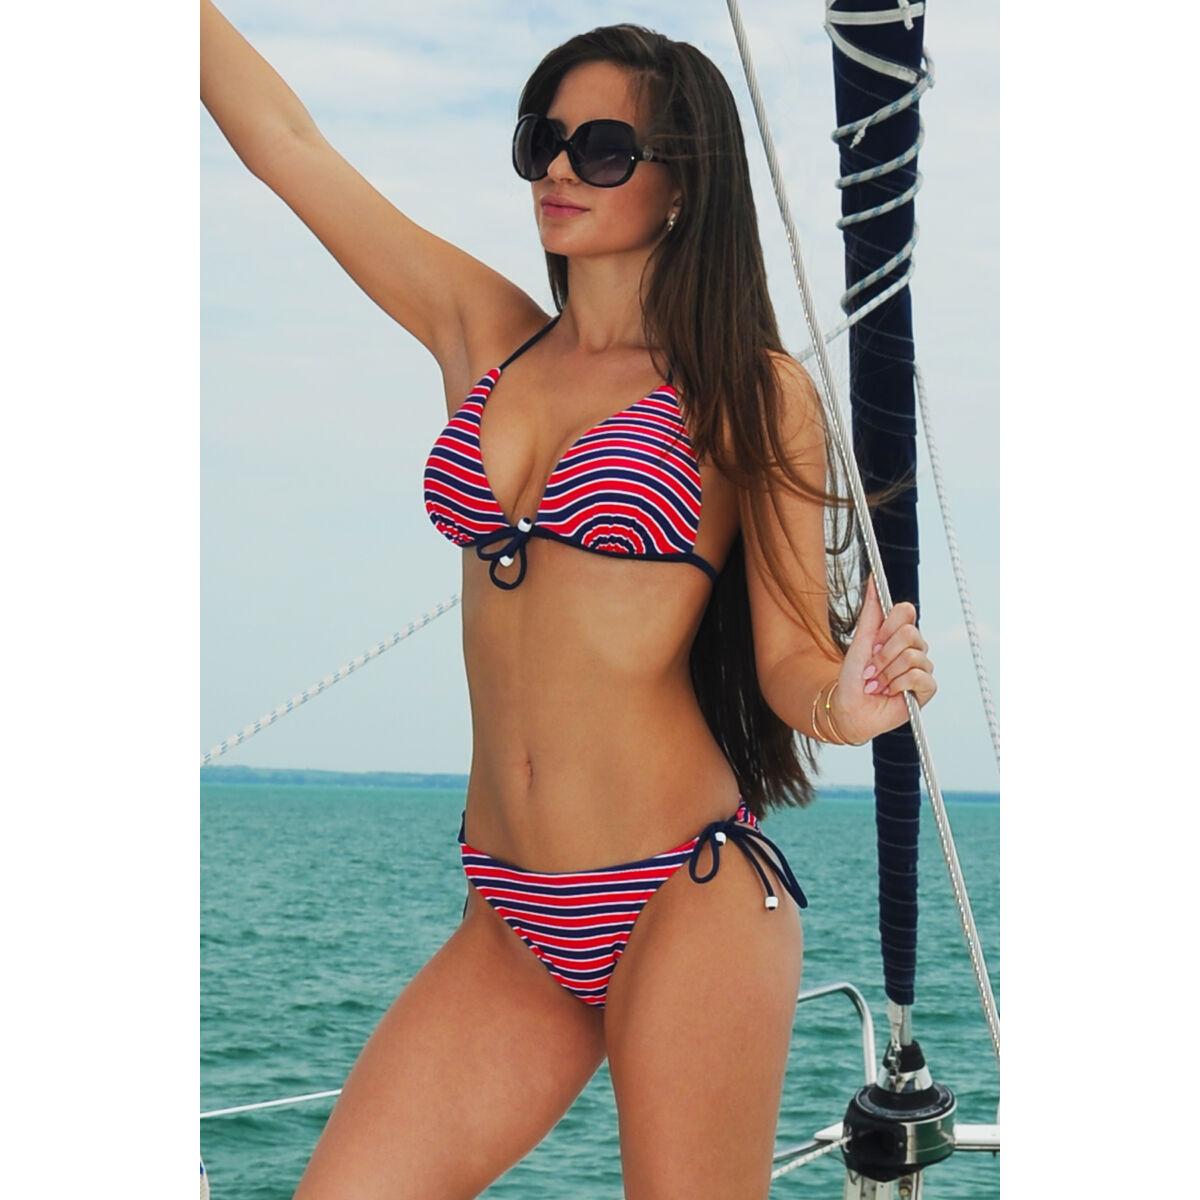 Csíkos, push up háromszög spagettipántos formakosaras bikini, oldaltkötős bugyival.